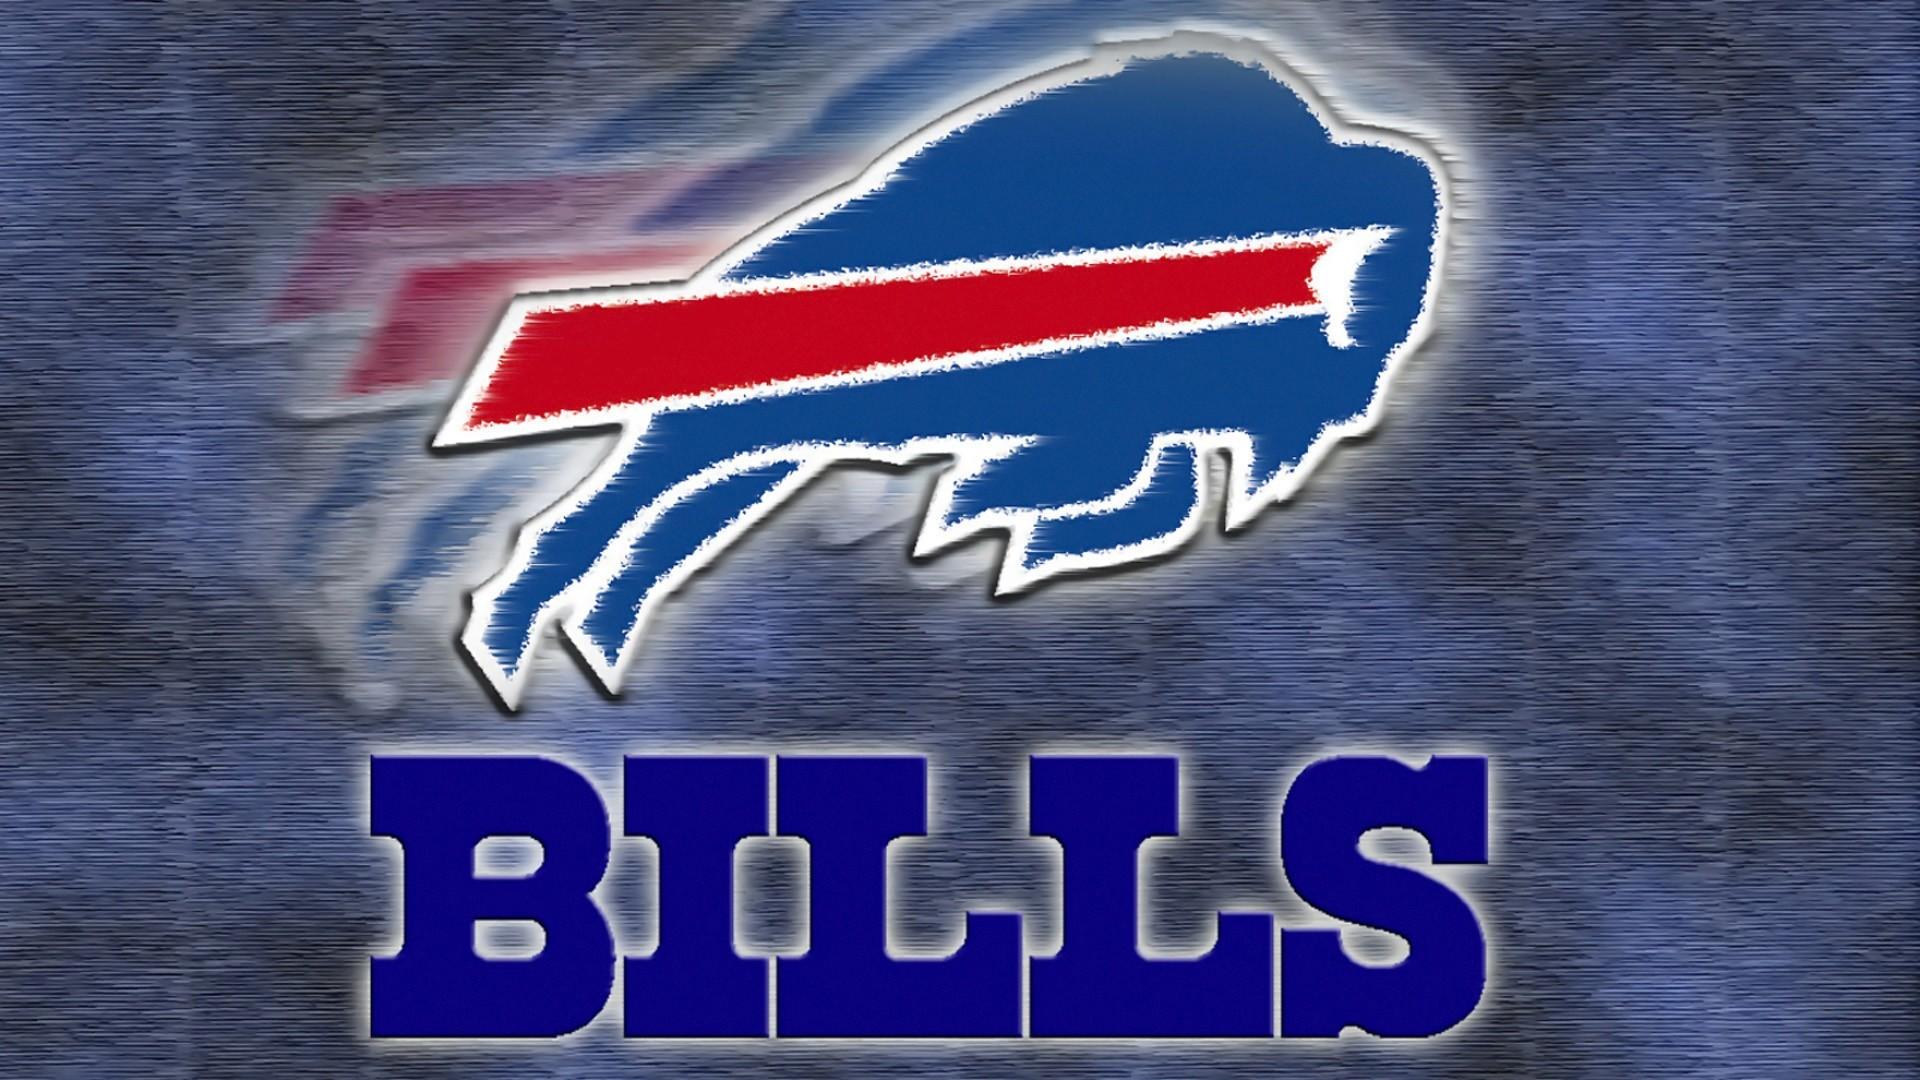 Buffalo Bills computer wallpaper